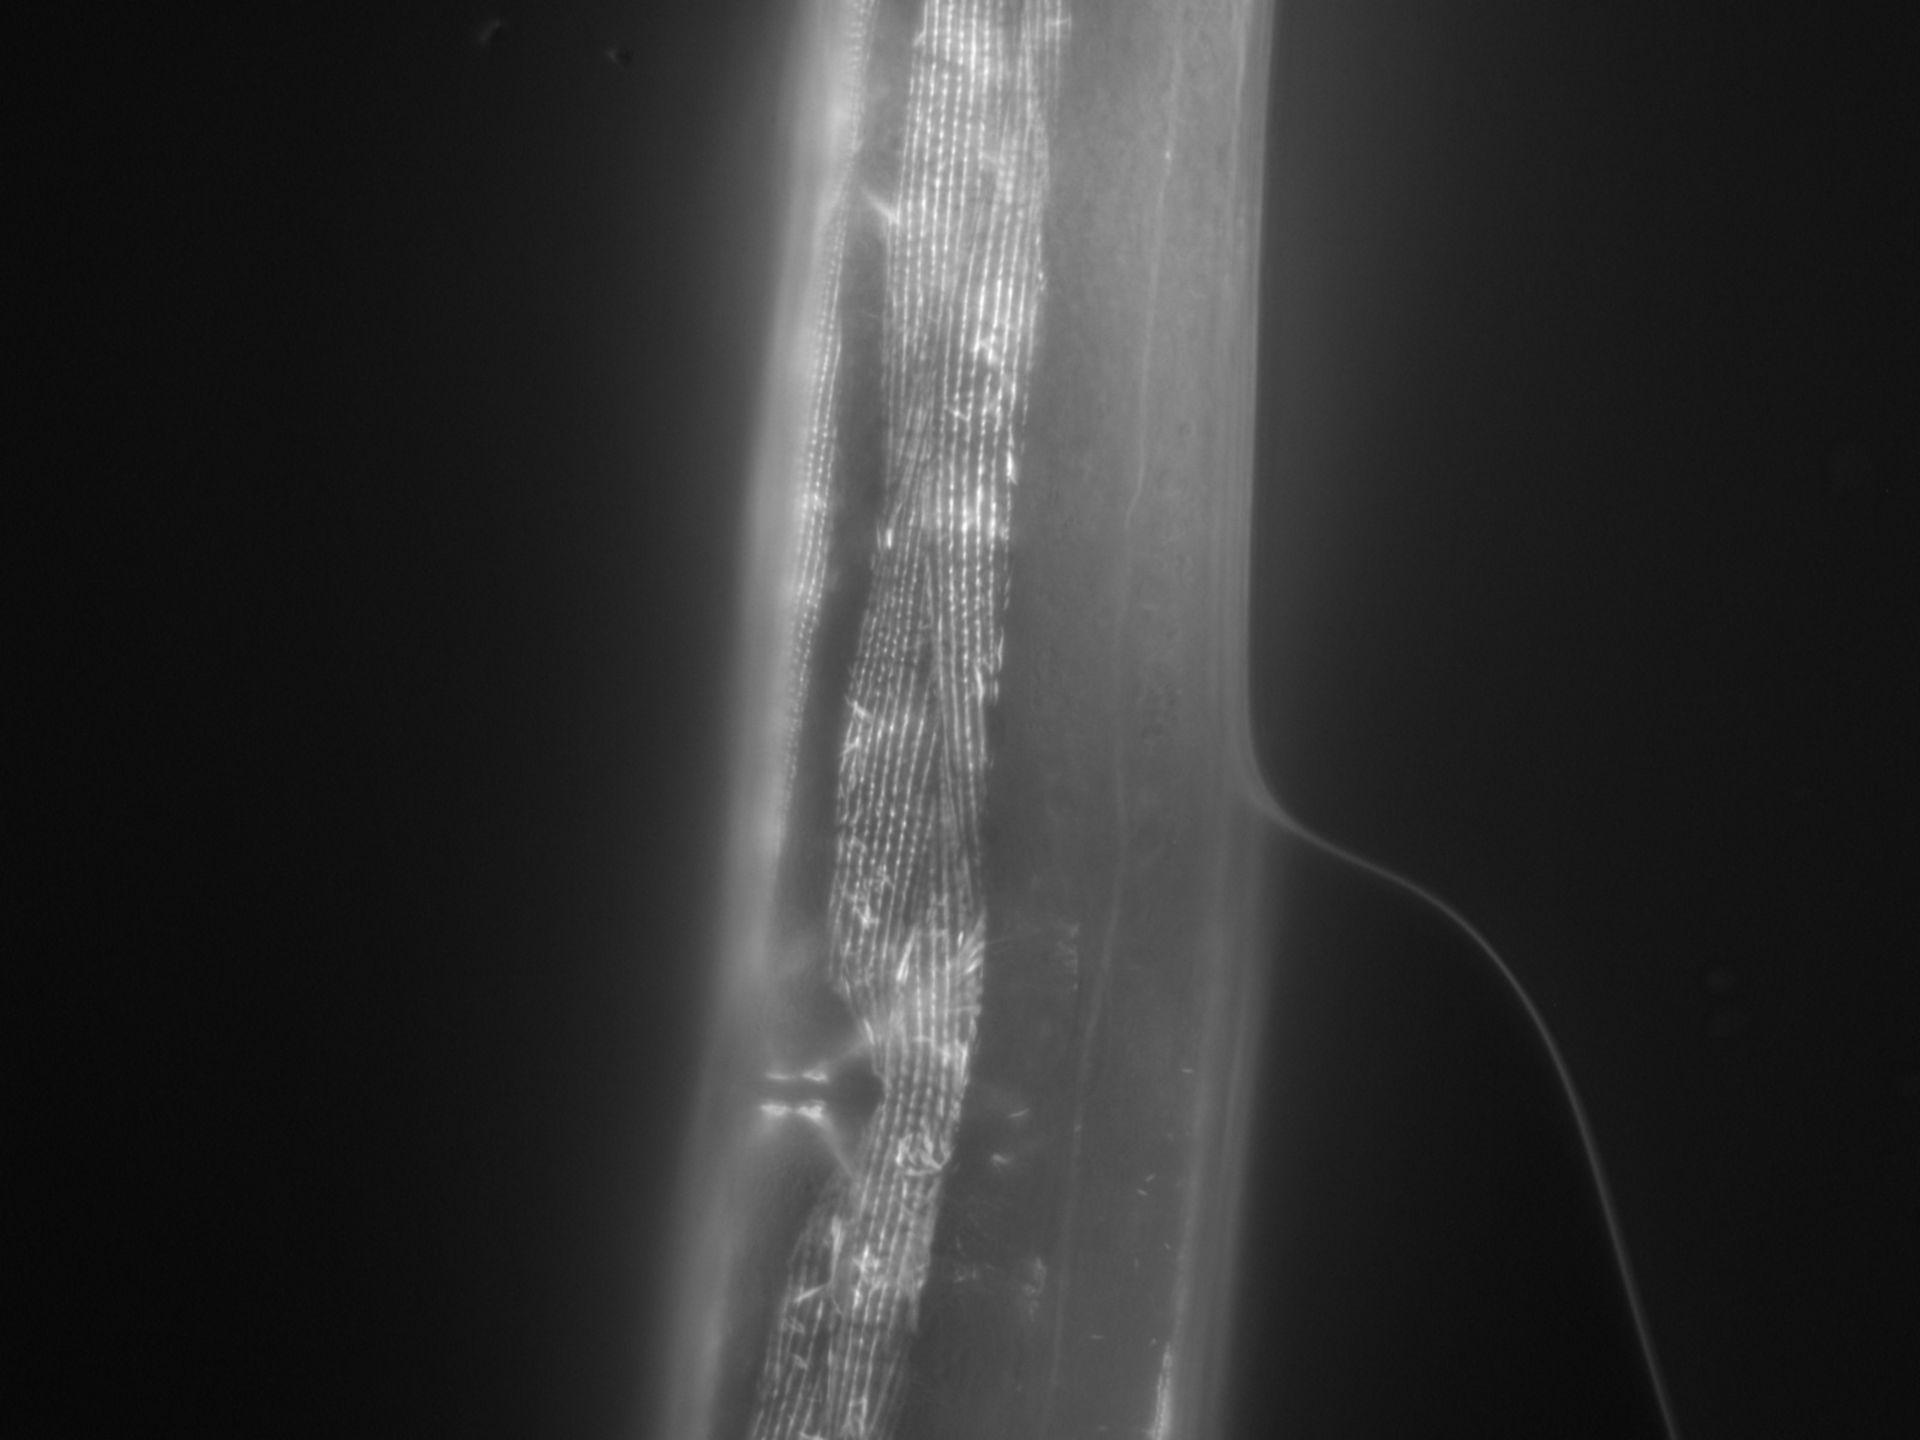 Caenorhabditis elegans (Actin filament) - CIL:1028